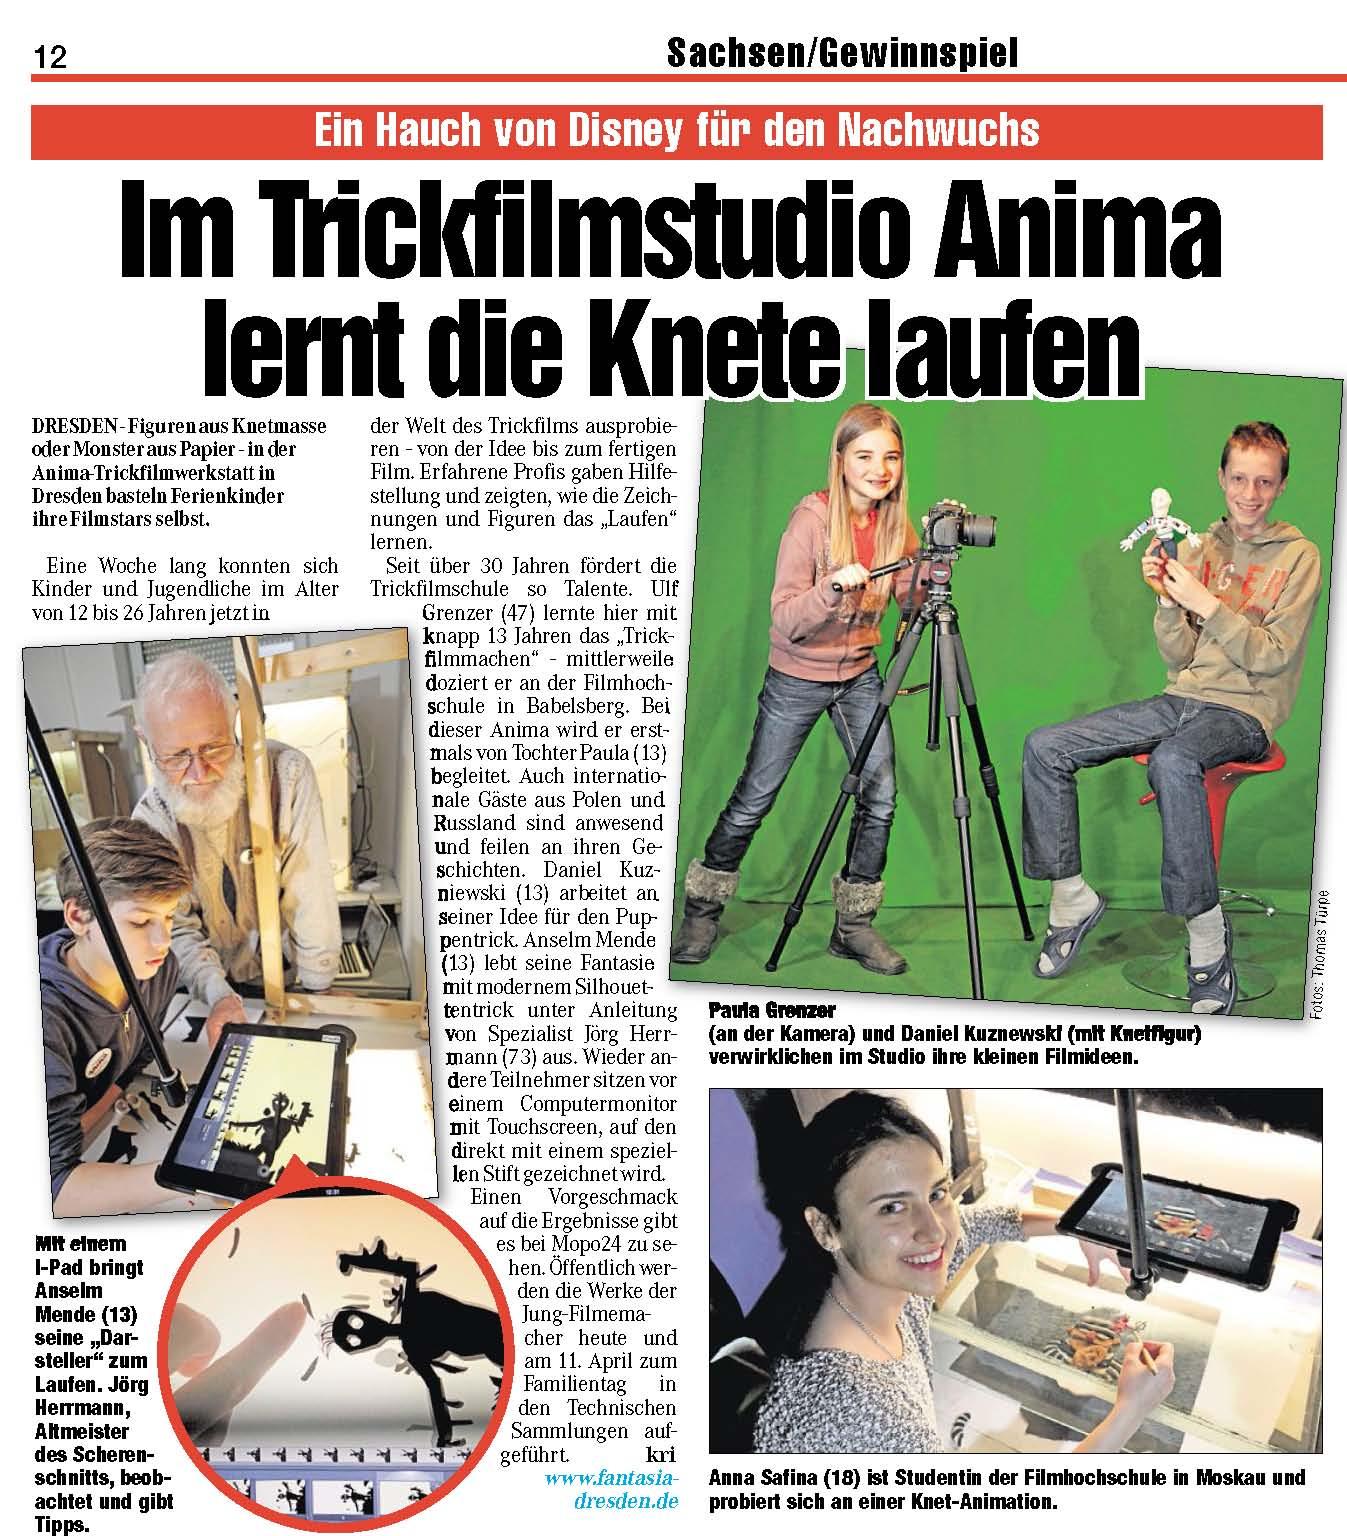 2015-0215 Morgenpost_Anima